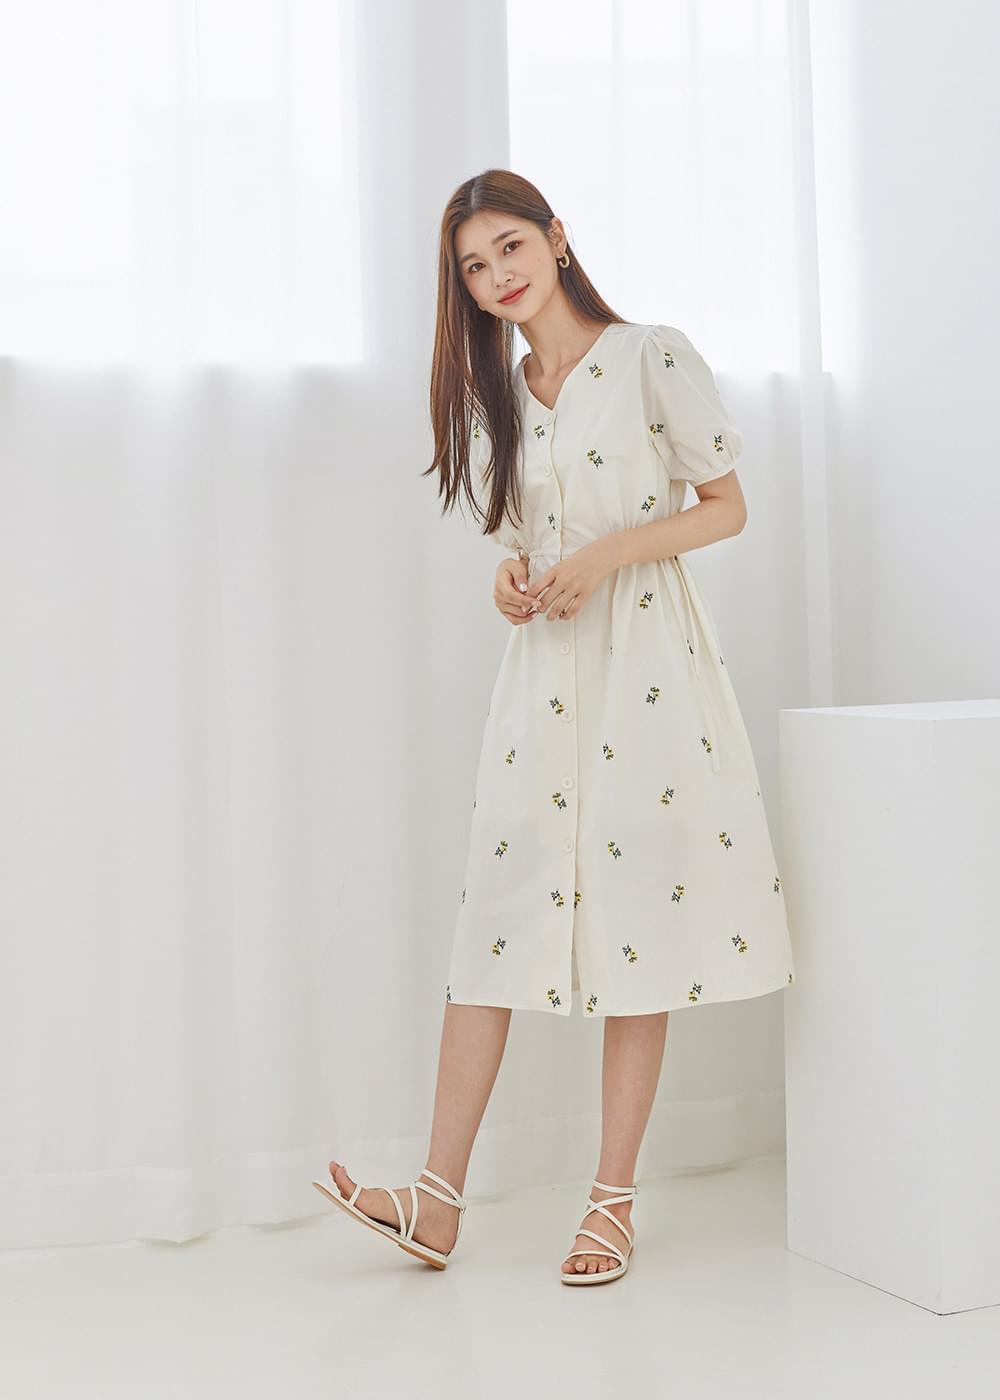 Flower balloon dress